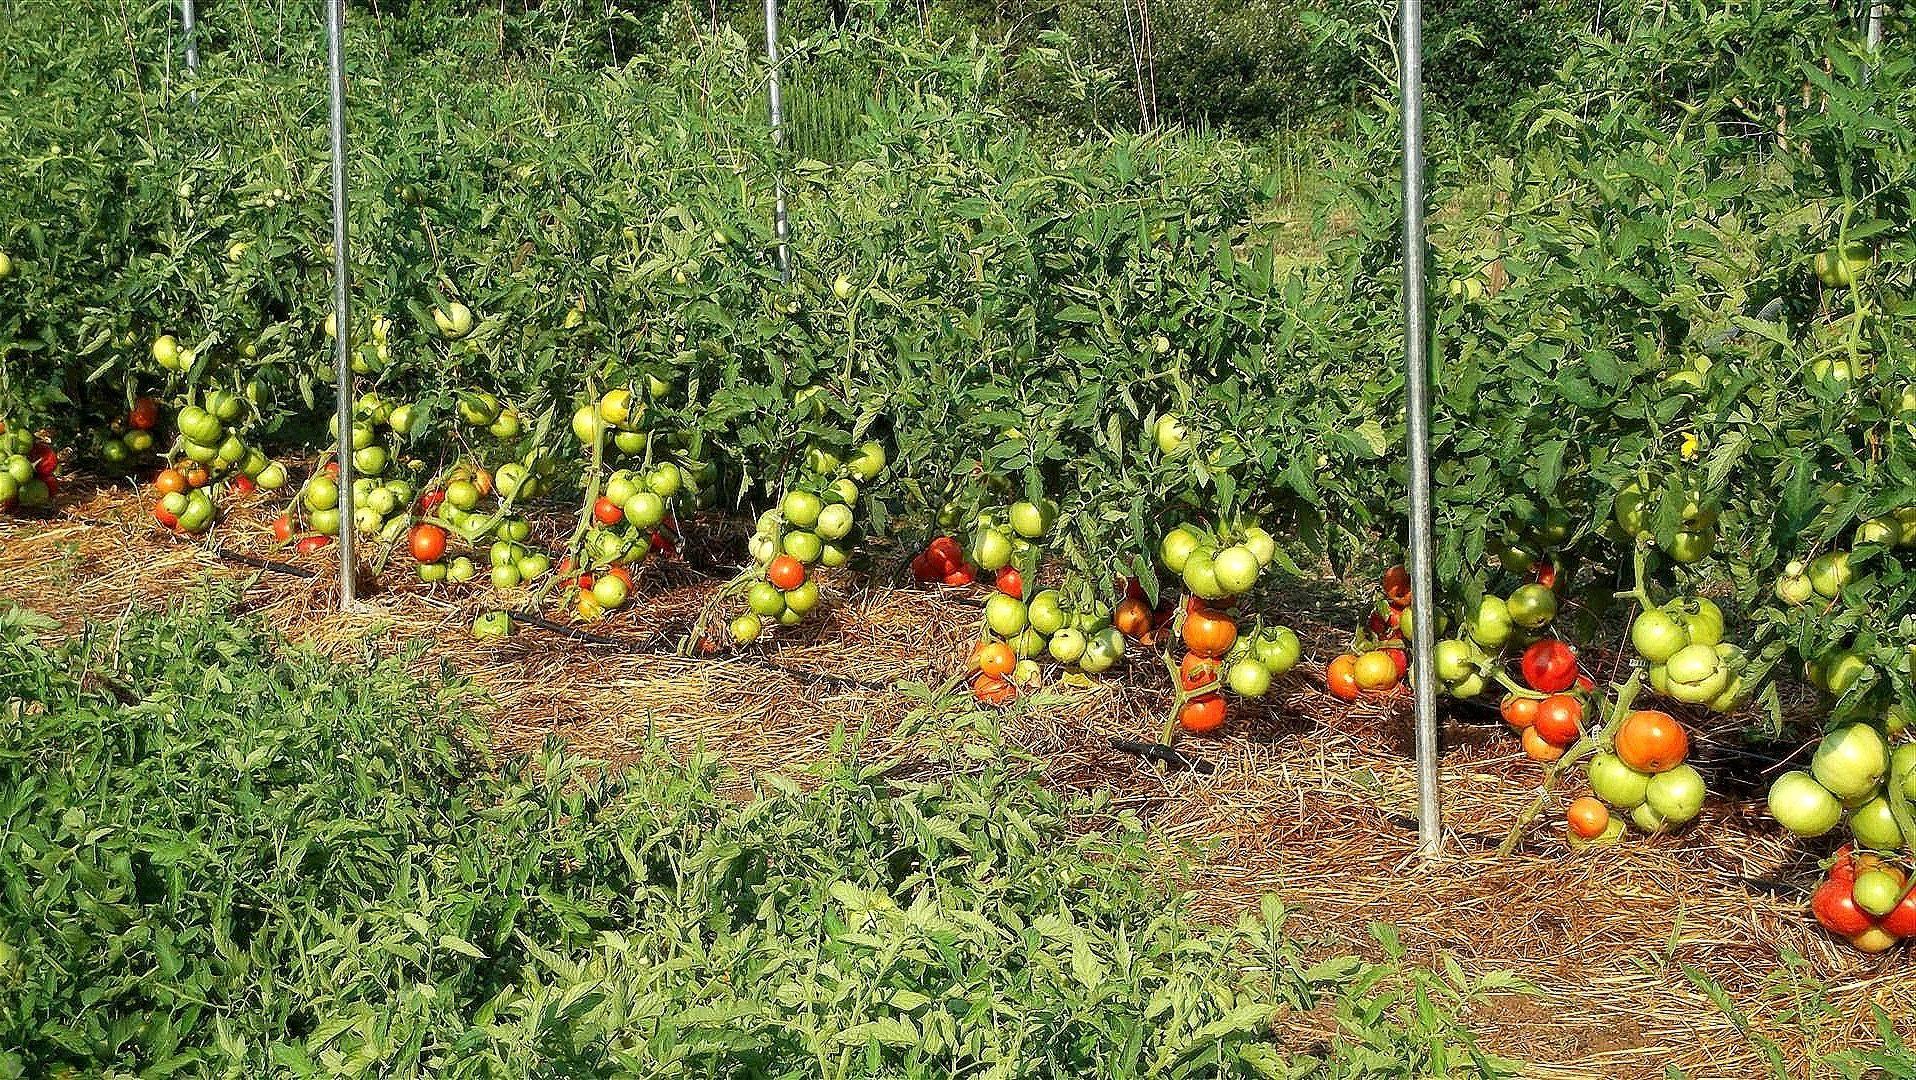 Посадка помидор под пленку рассадой – 4 главных условия и особенности проведения работ